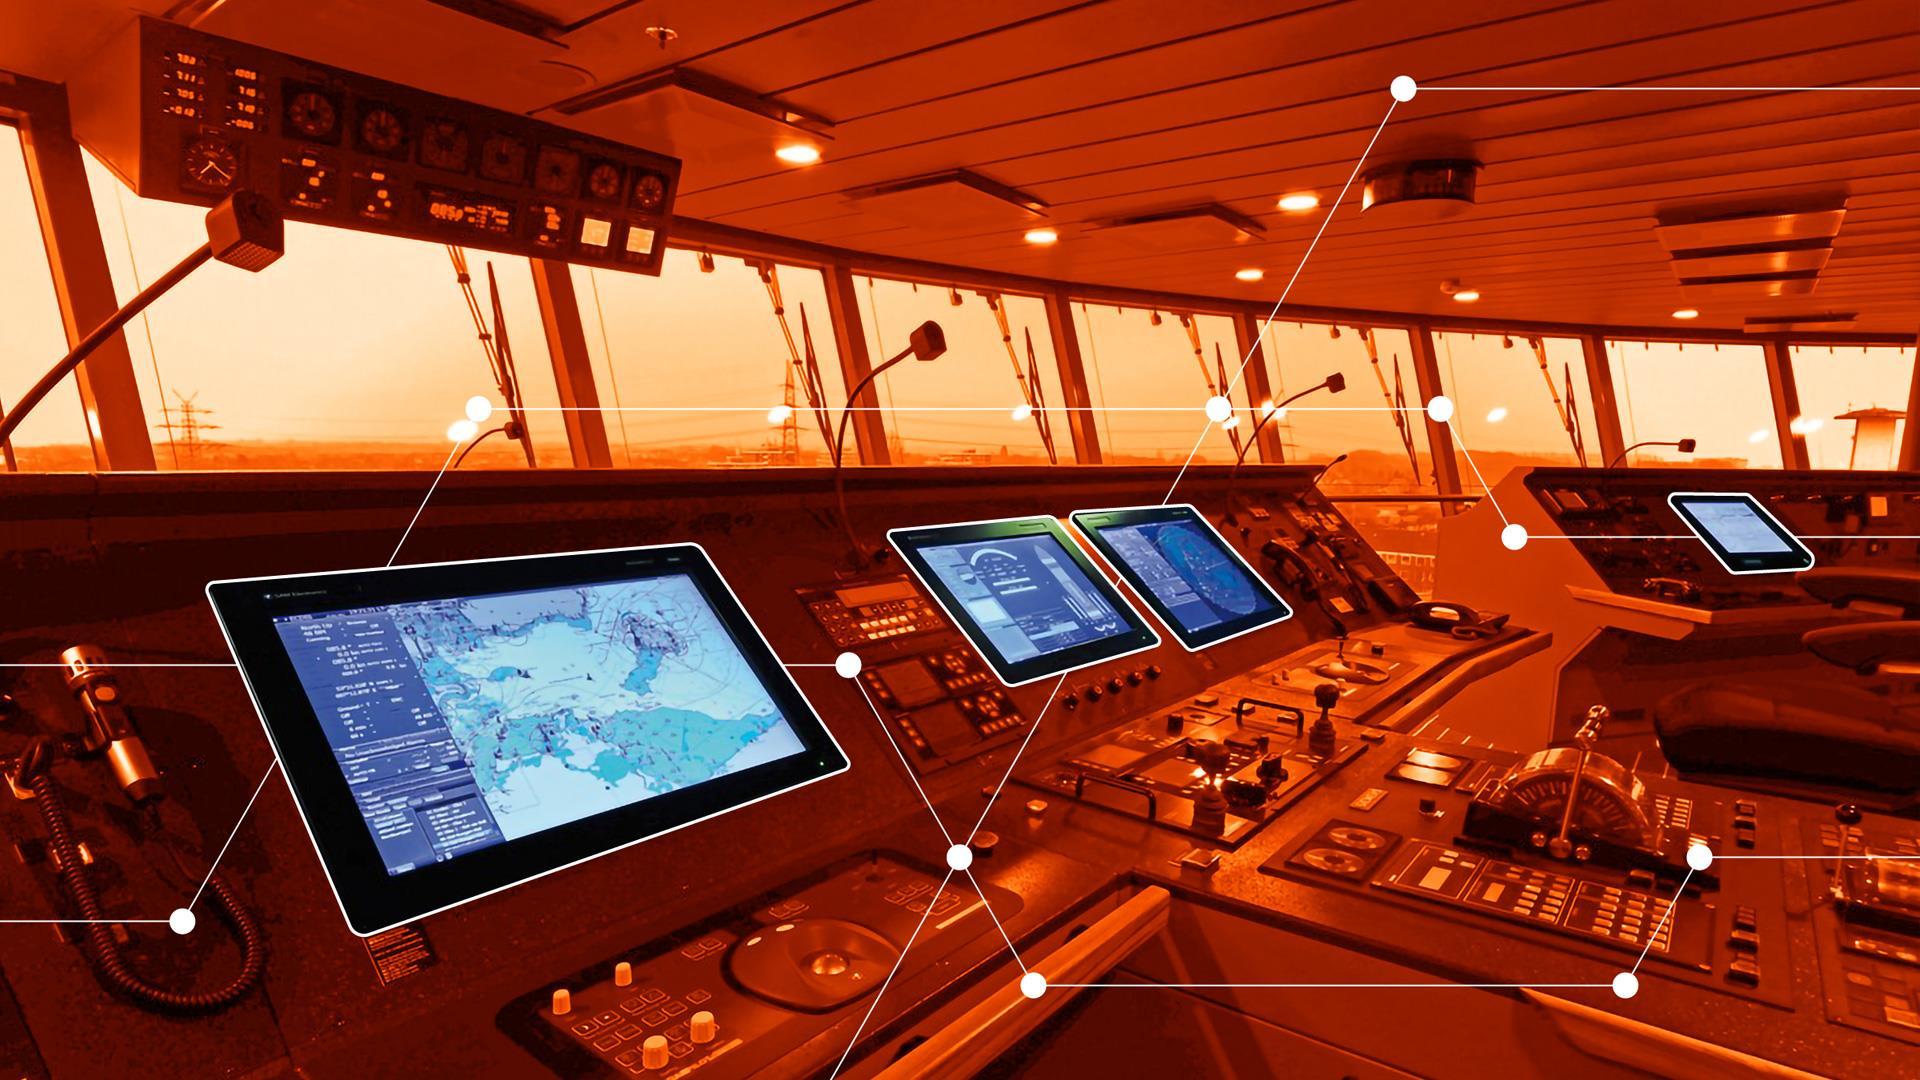 01_Smart_Voyage_Optimisation_Hero_Image_1920x1080px